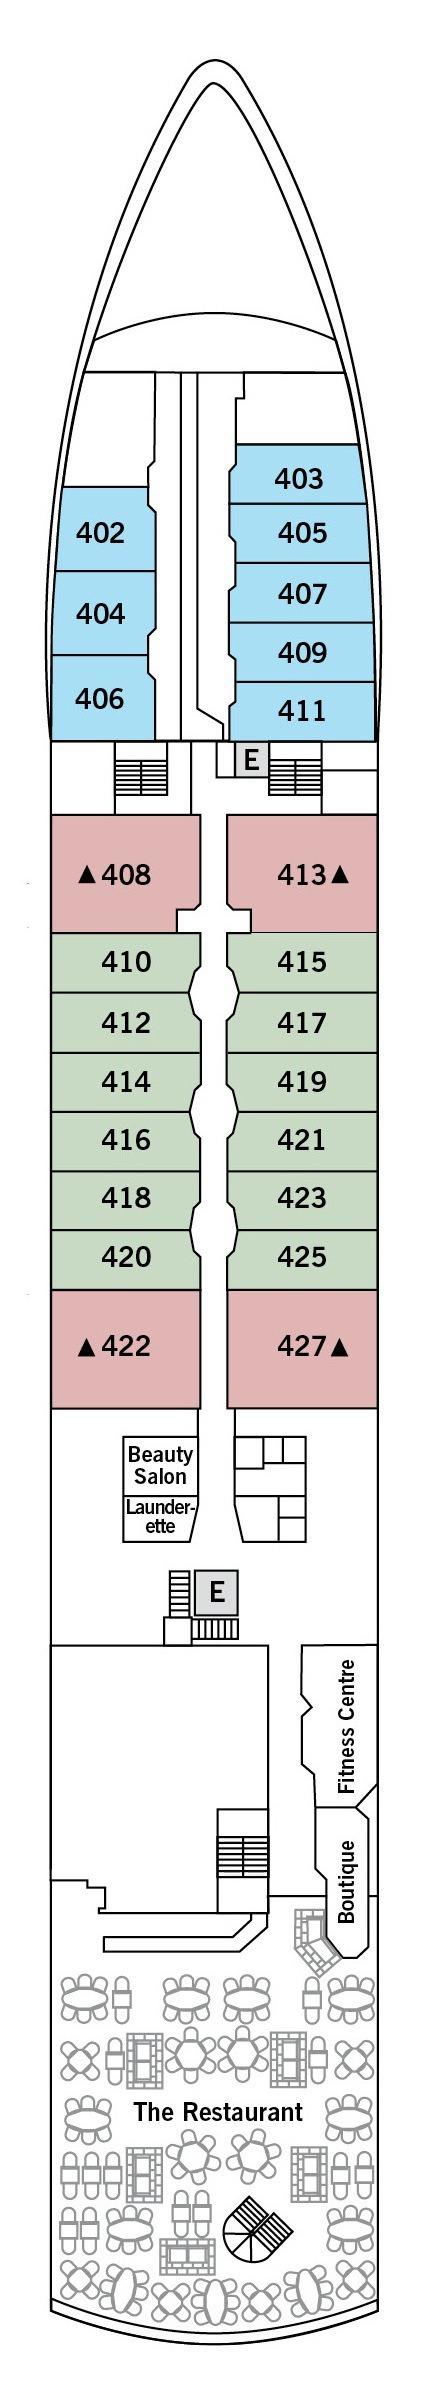 Silver Explorer deck plans - Deck 4